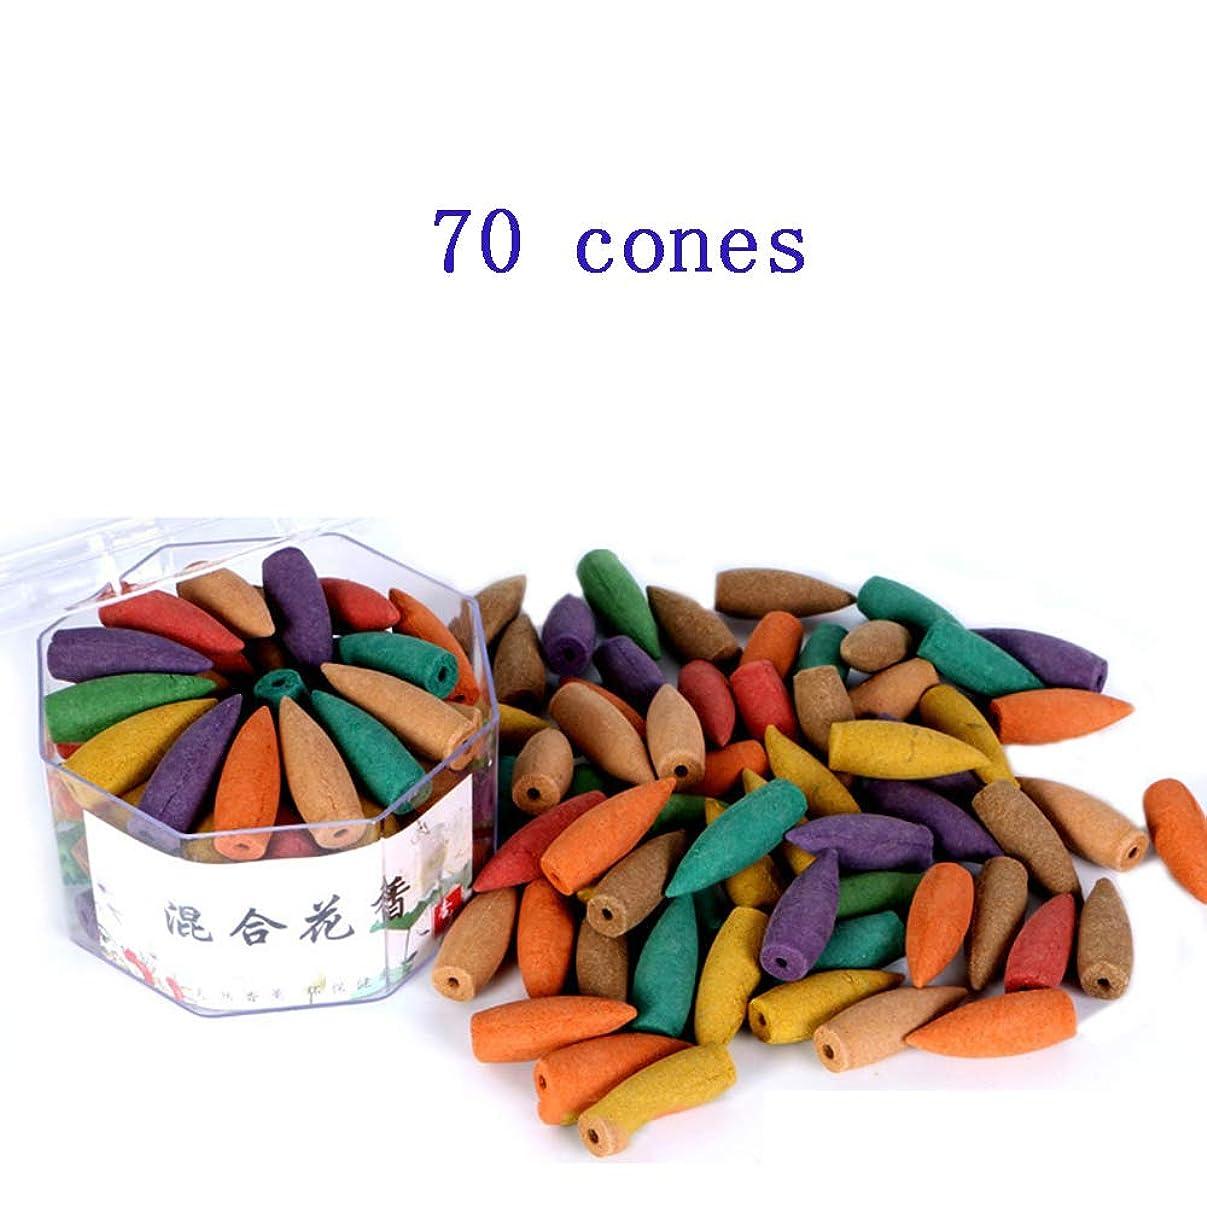 ぼかし紛争序文(In-70mixed) - Corcio 70pcs/box Lengthened Cone Tower Incense Backflow Incense Waterfall Cones for Incense Burner Holder about 15 Mins-Mixed incense